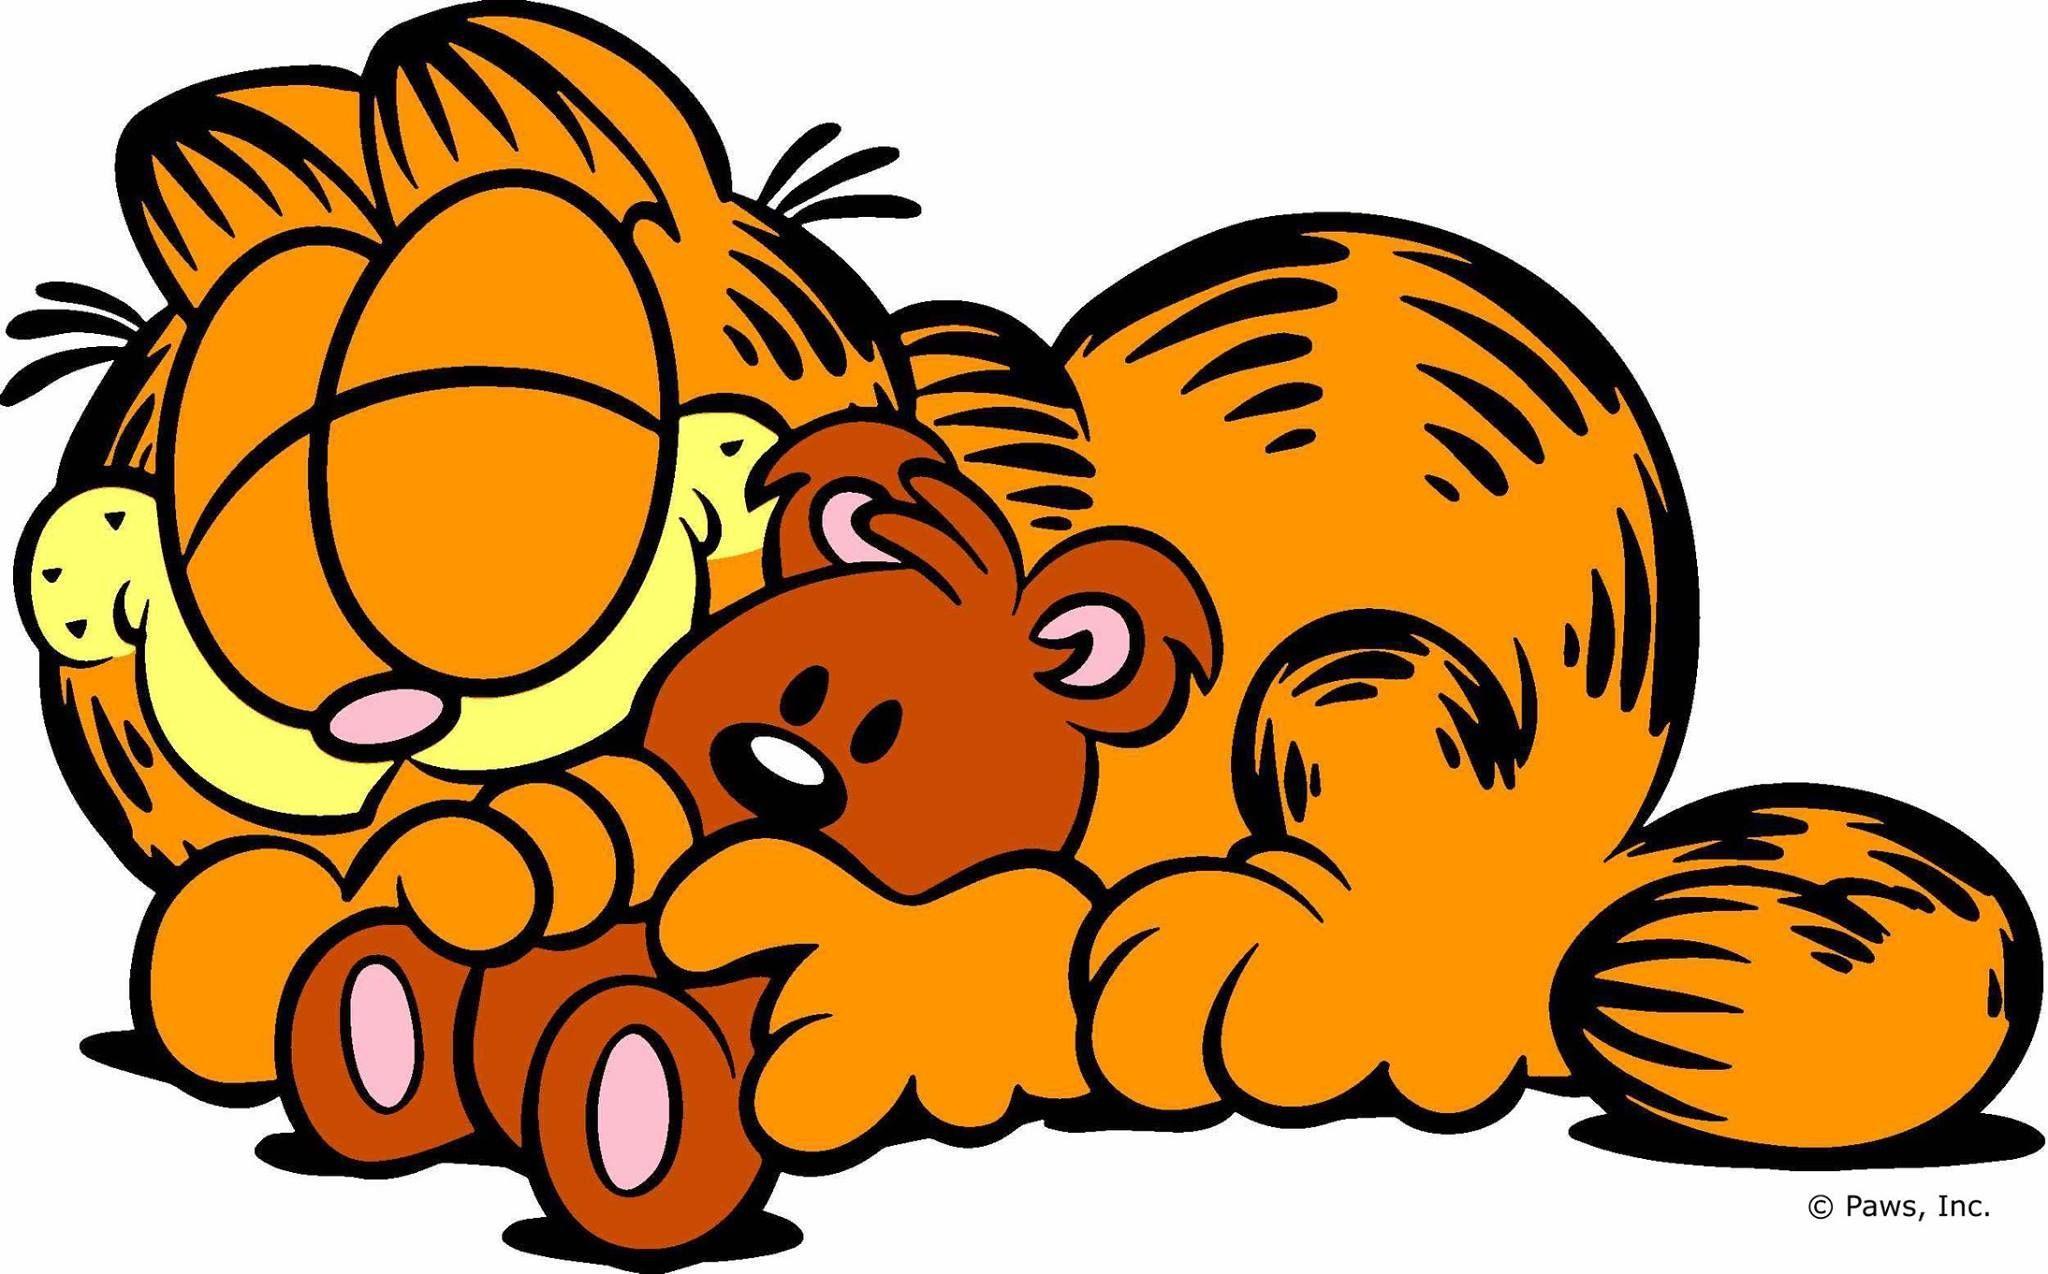 Gambar Garfield Kartun Lucu Dari Kumpulan Gambar Garfield Si Kucing Gemuk Yang Lucu Kucing Gemuk Lucu Gambar